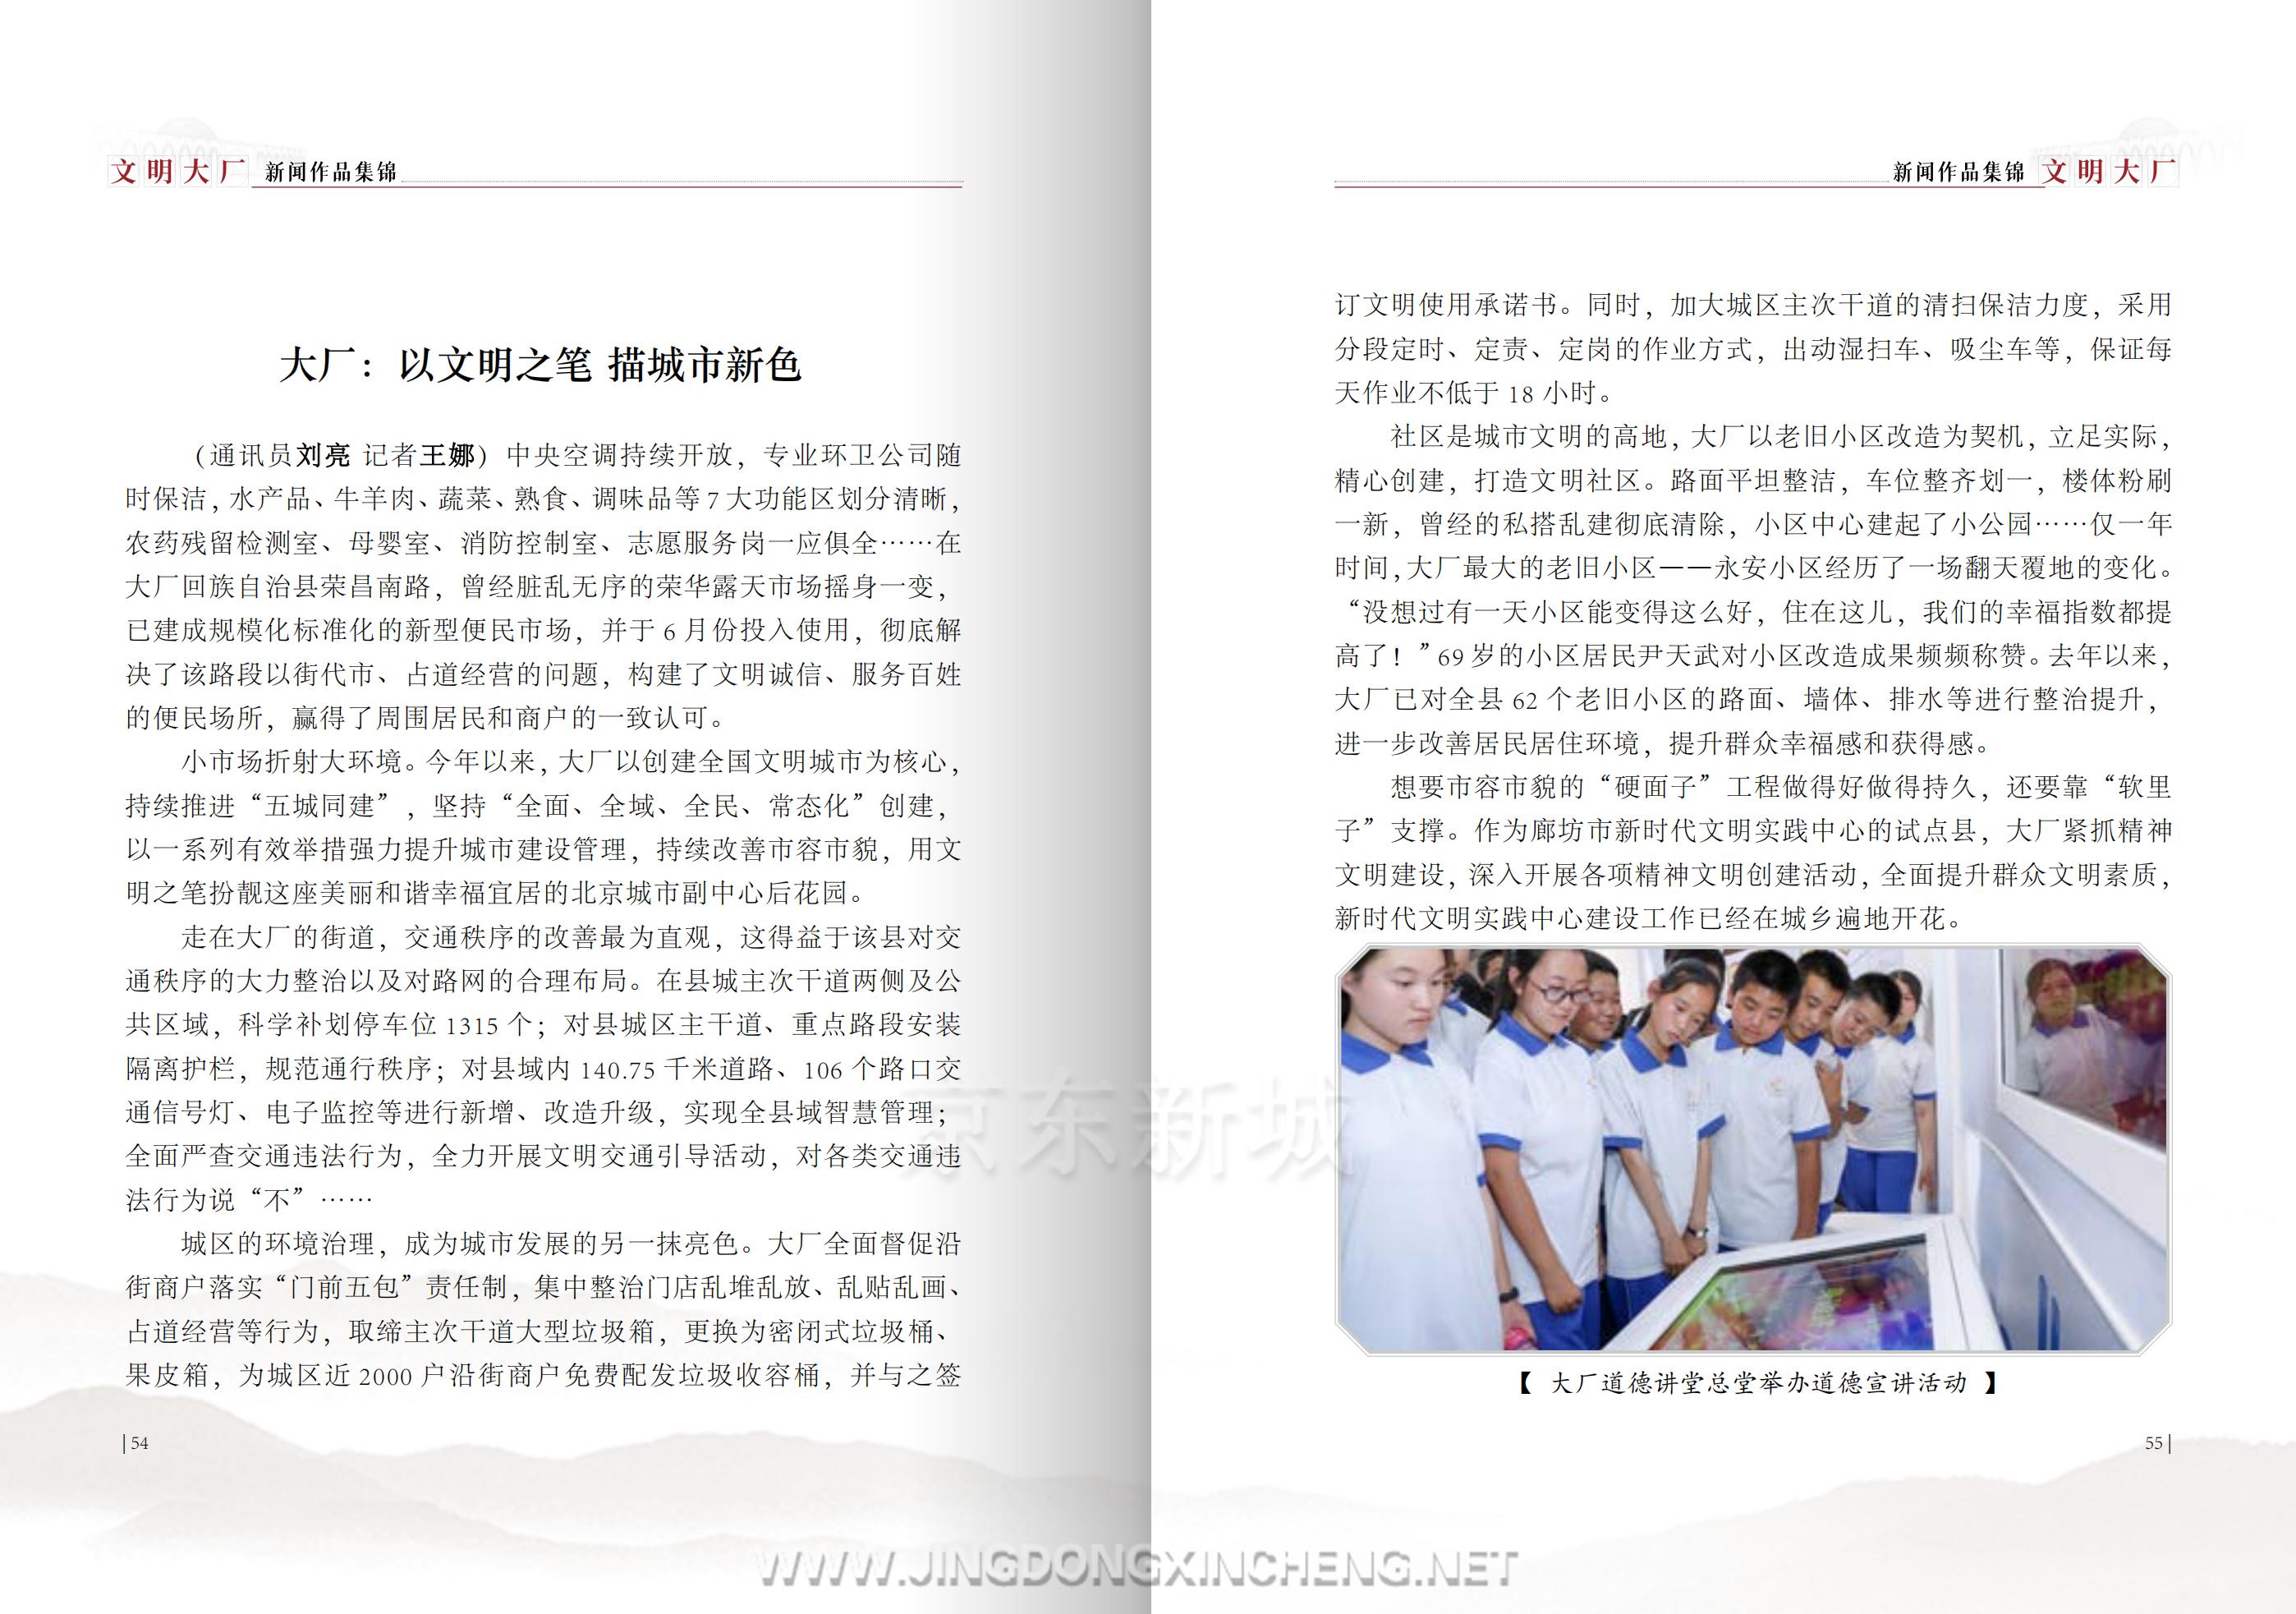 文明大厂书籍-定稿-上传版_31.png